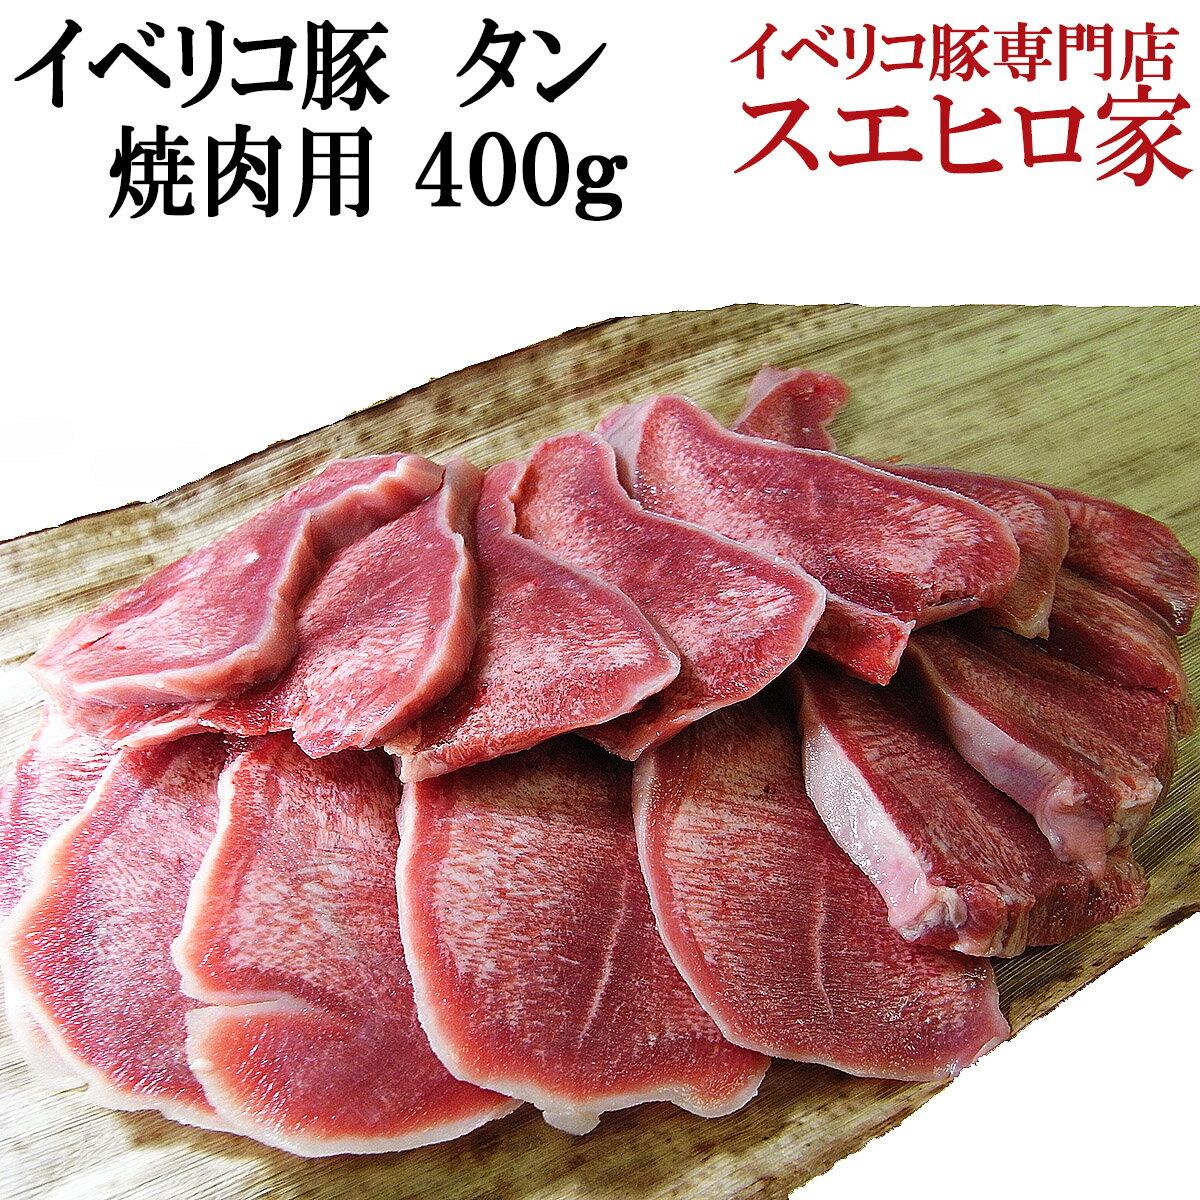 イベリコ豚 タン(たん) 焼肉用 400g (3人前) 豚タン 豚たん ヤキニク ホルモン ほるもん 牛タンよりも味わいが深い 肉屋 お肉 お中元 ギフト 食品 スエヒロ家